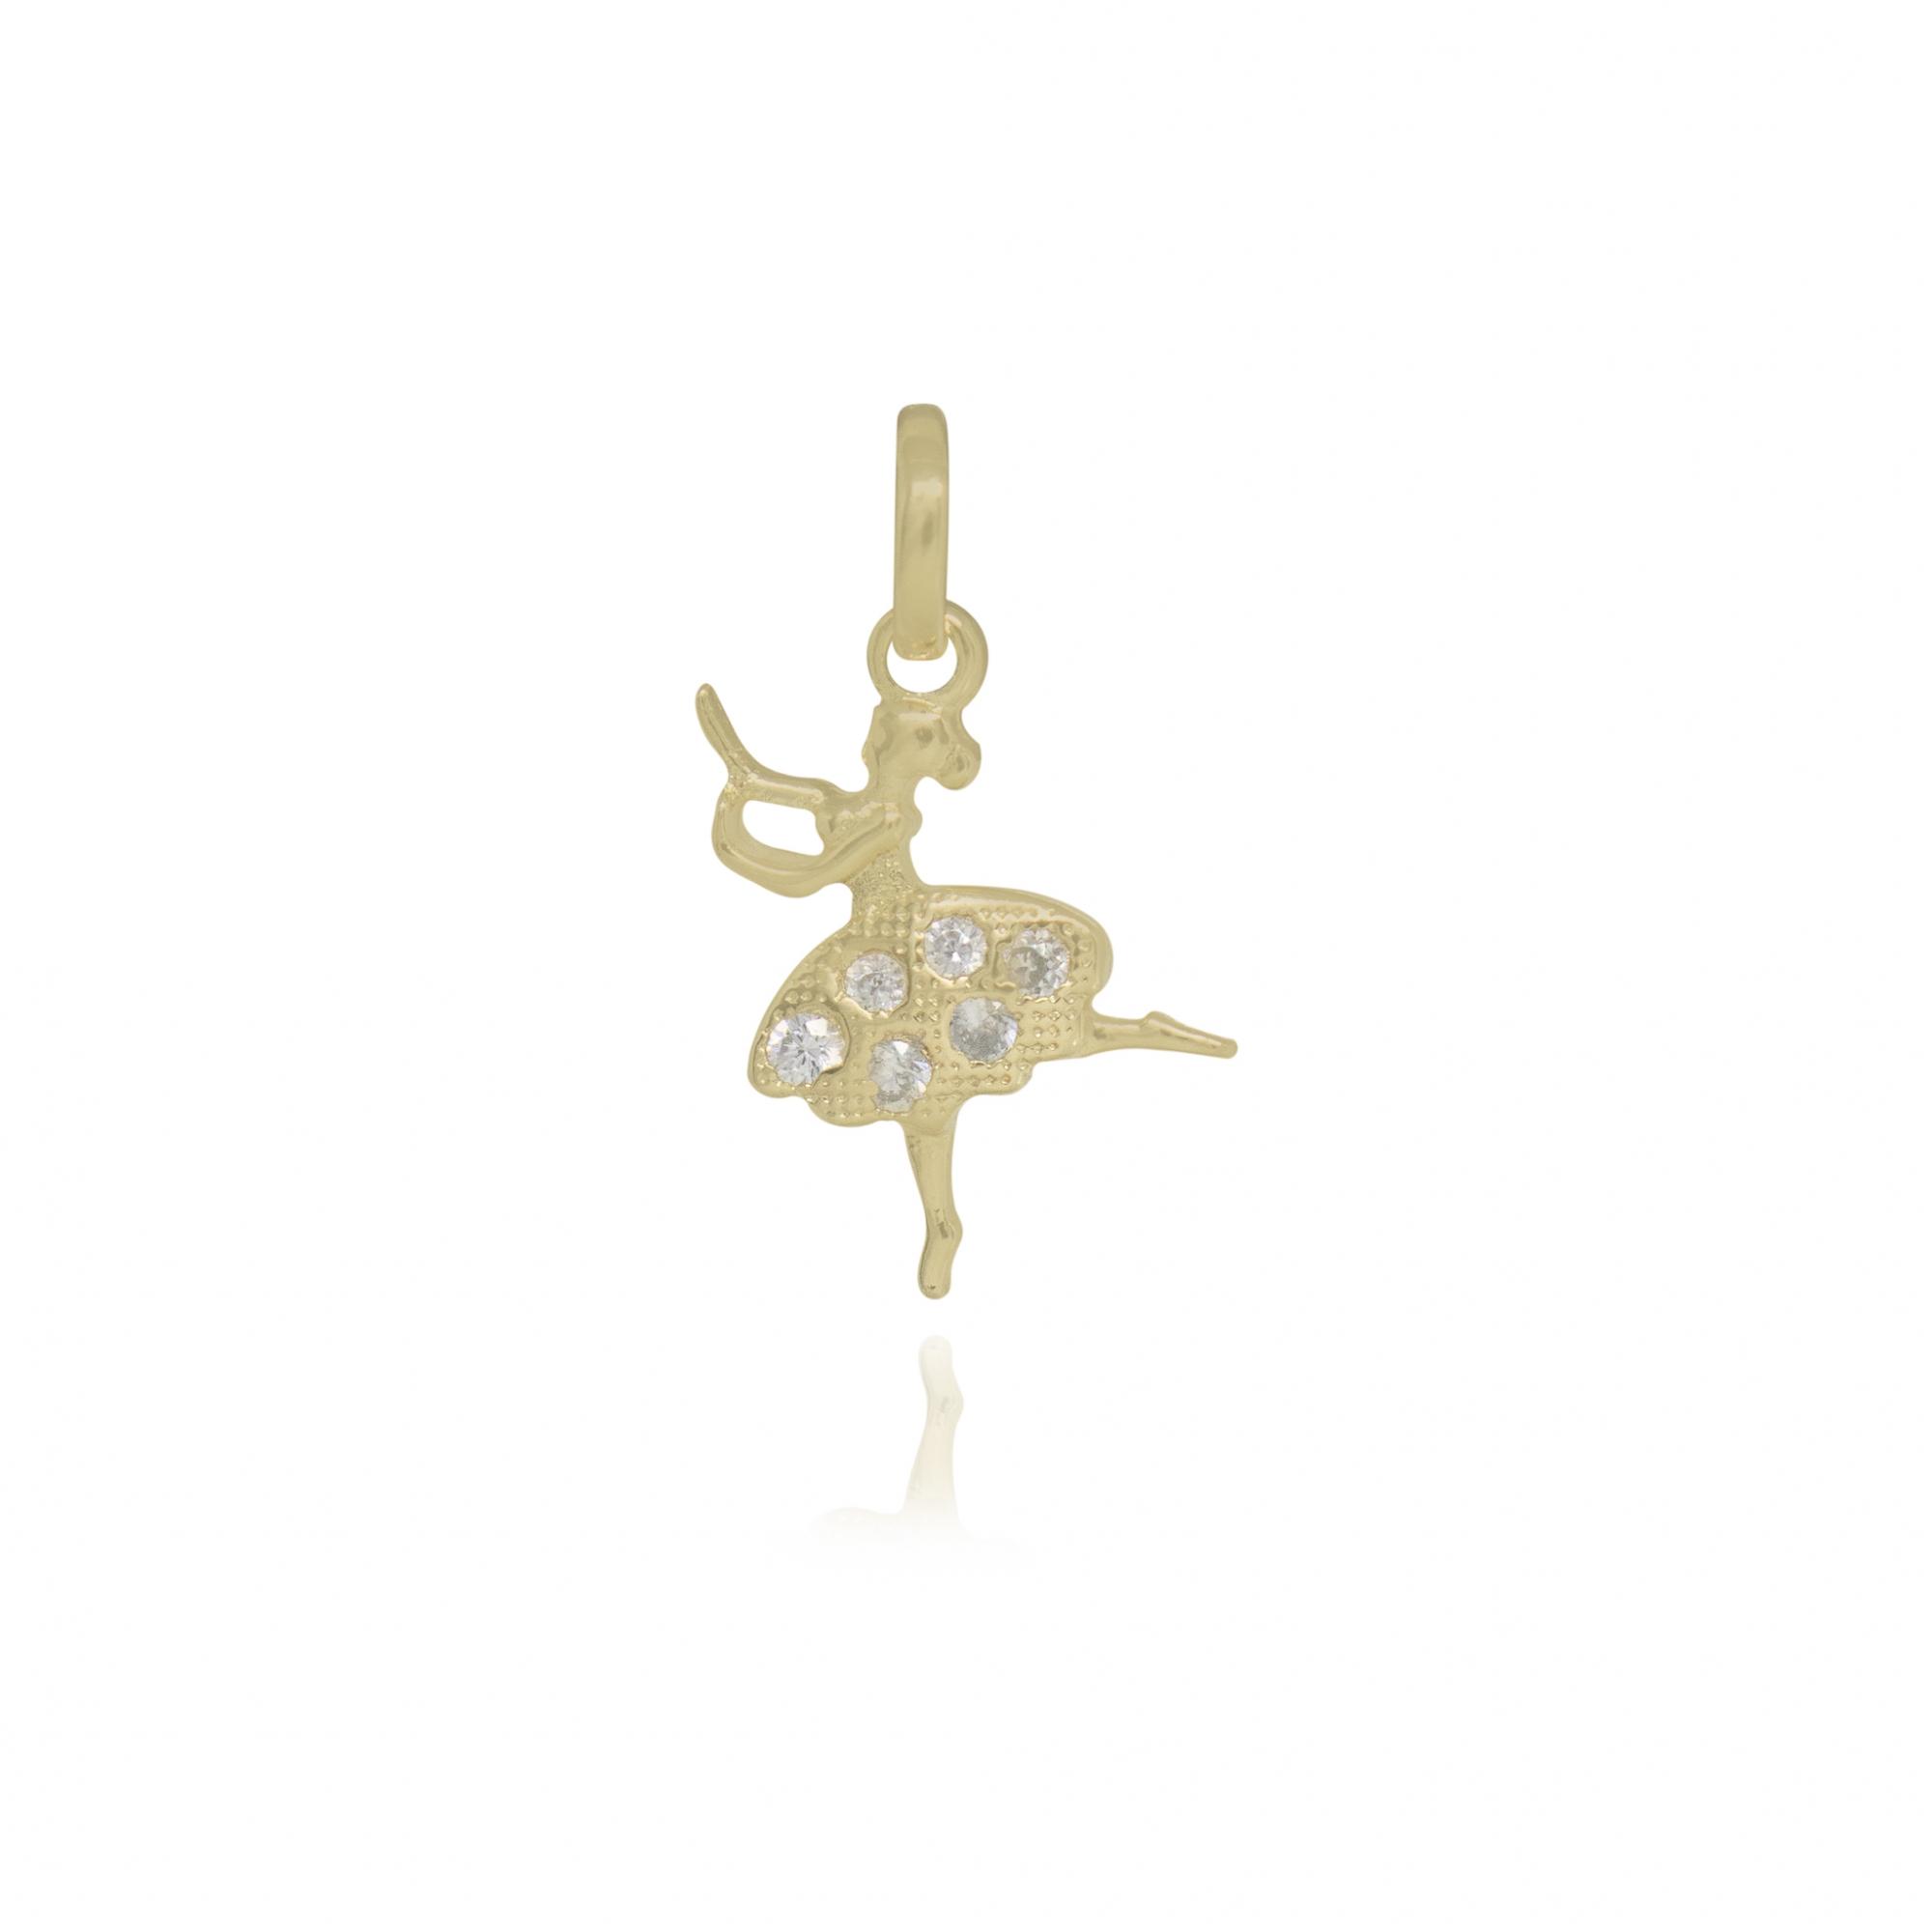 Pingente Bailarina cravejado em zircônia folheado ouro 18k